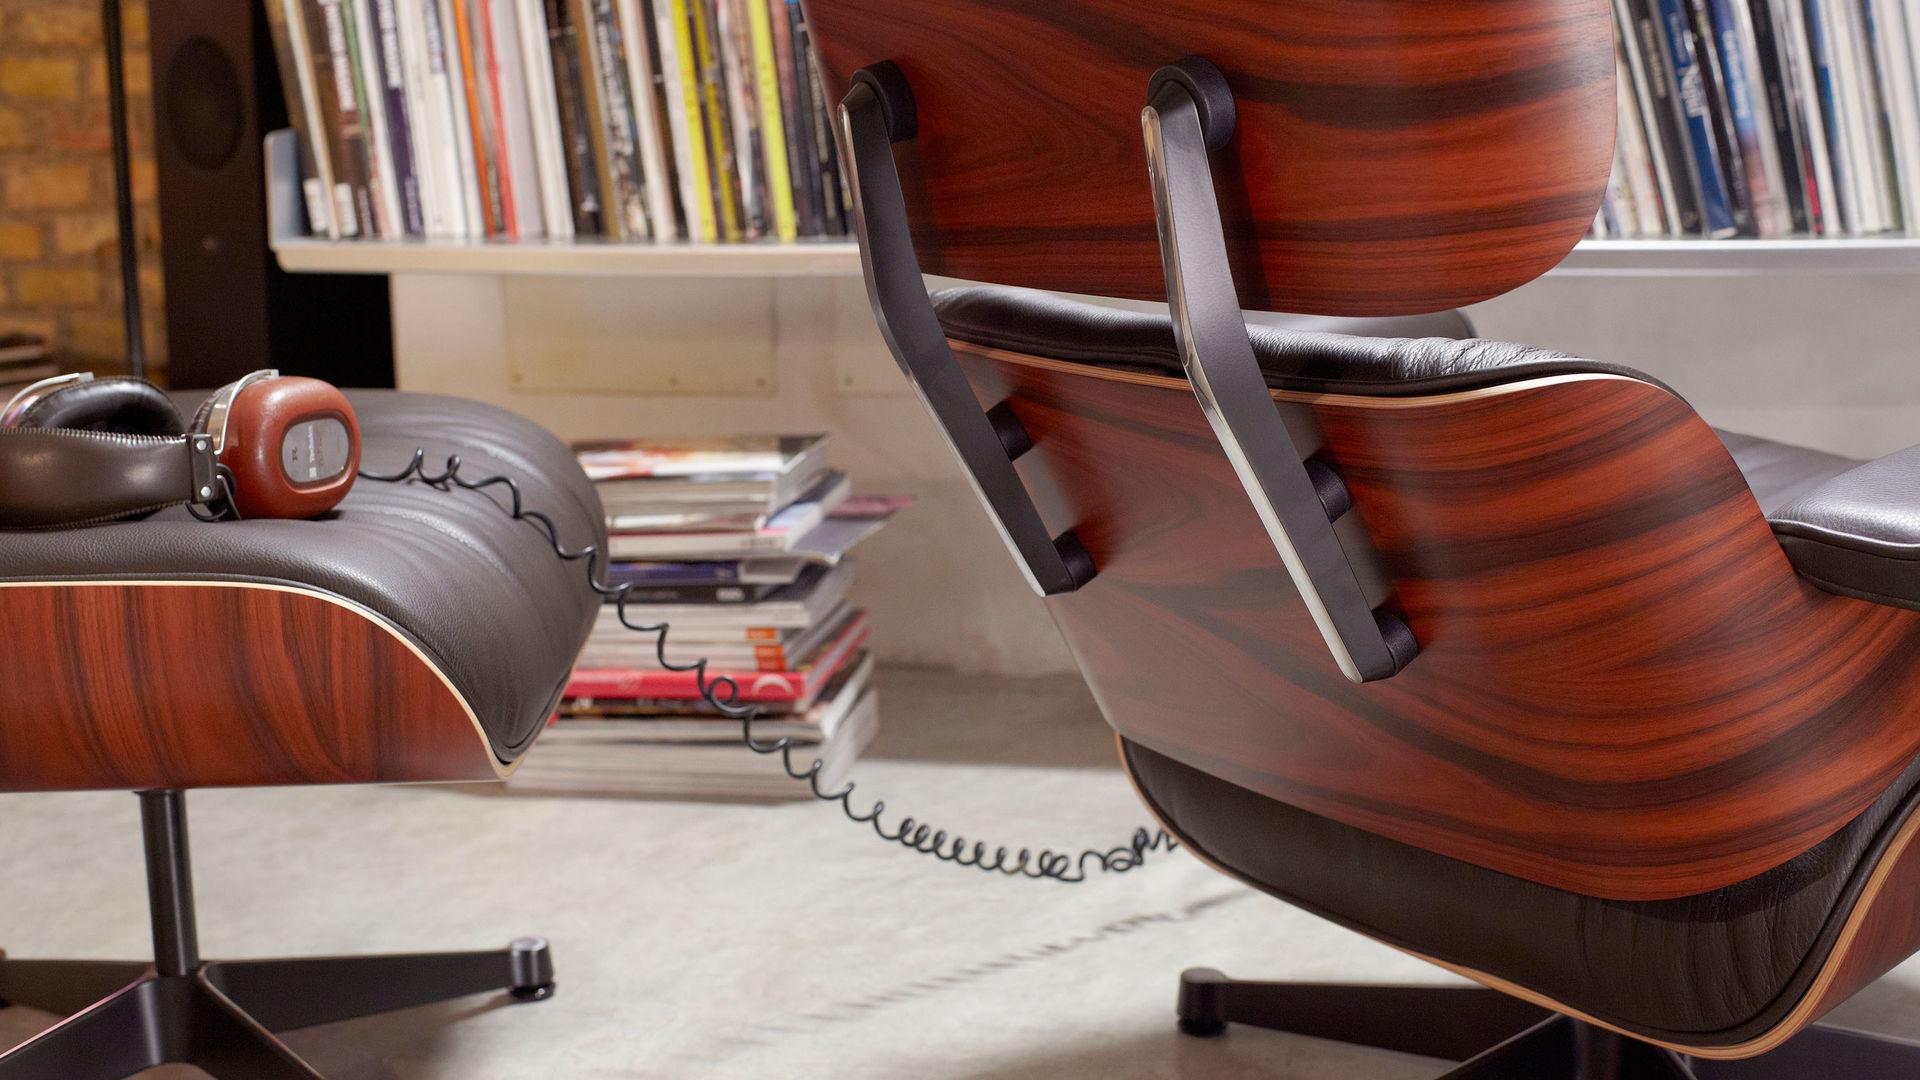 Lounge Chair_web_16 9